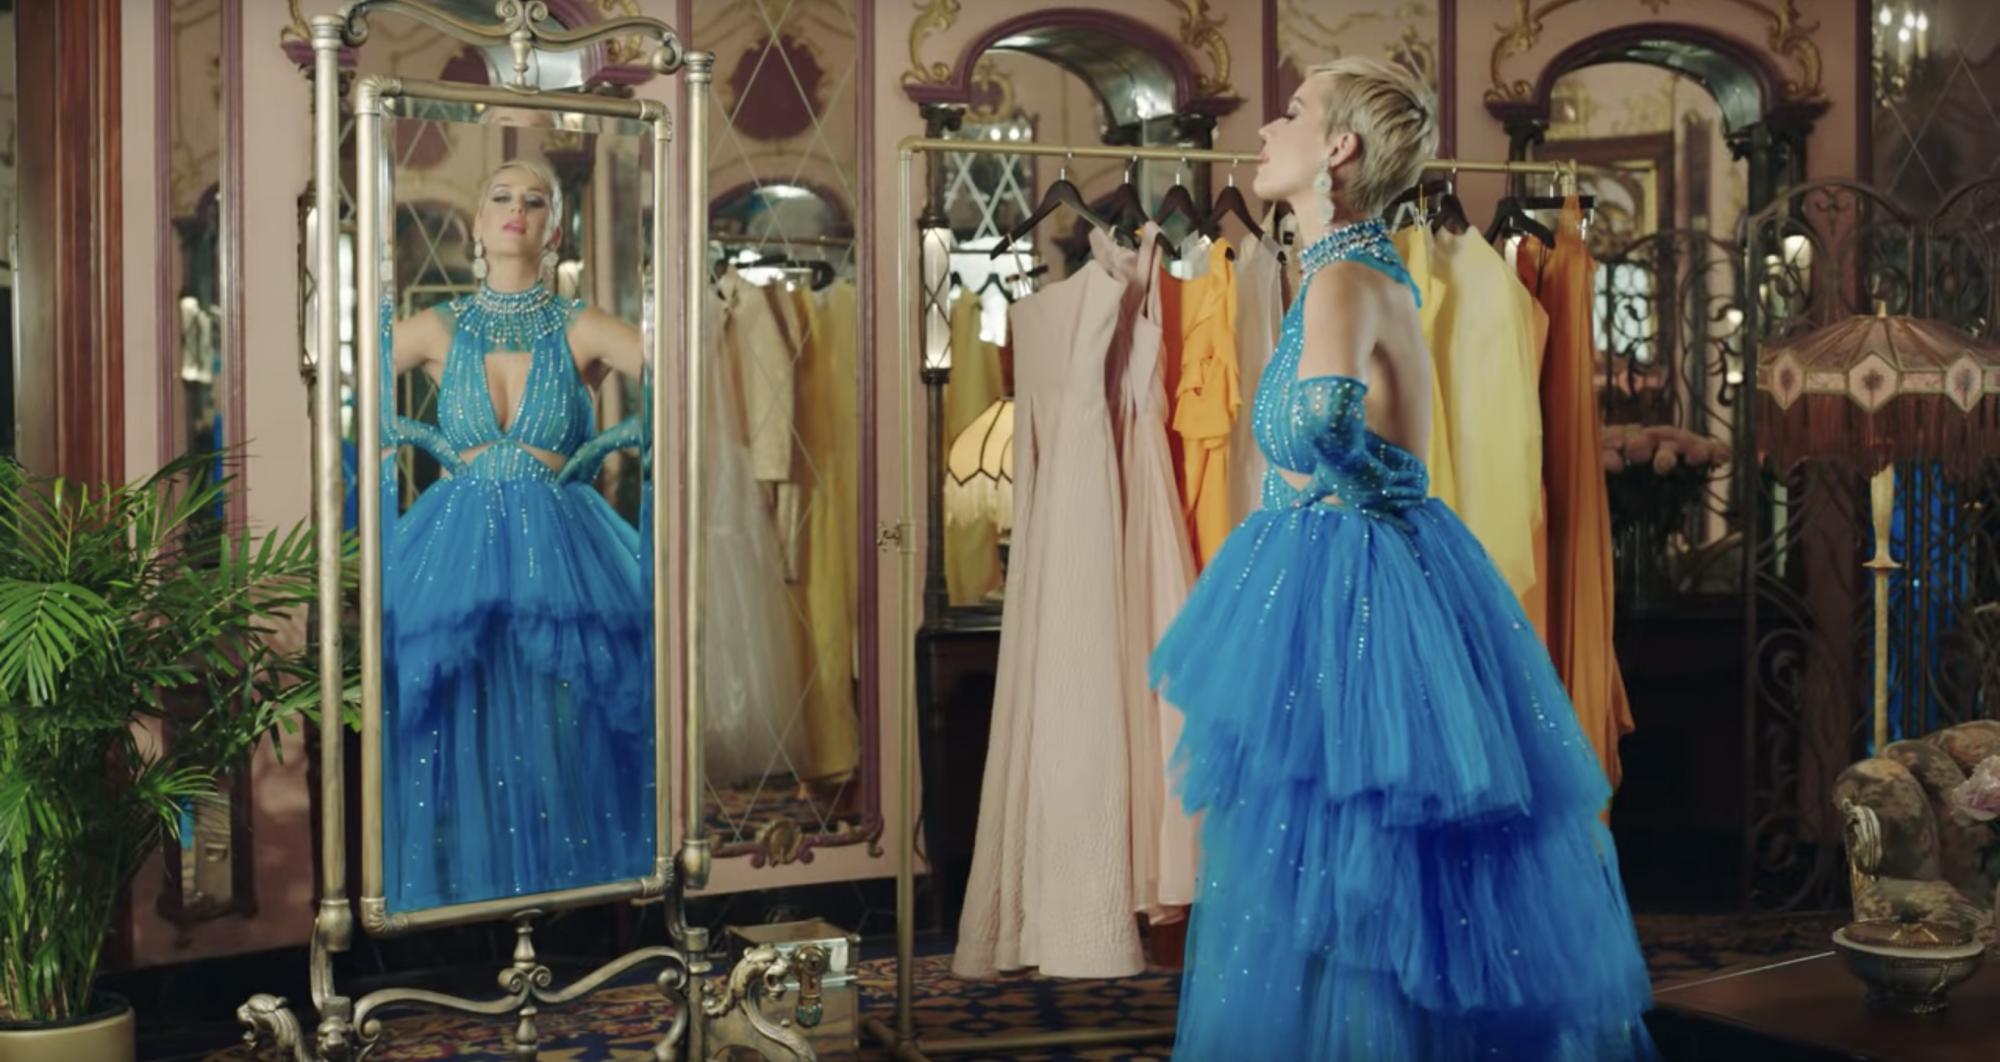 Công Trí hoàn thành chiếc váy trong vòng 24 giờ để gửi cho Katy Perry  - Ảnh 5